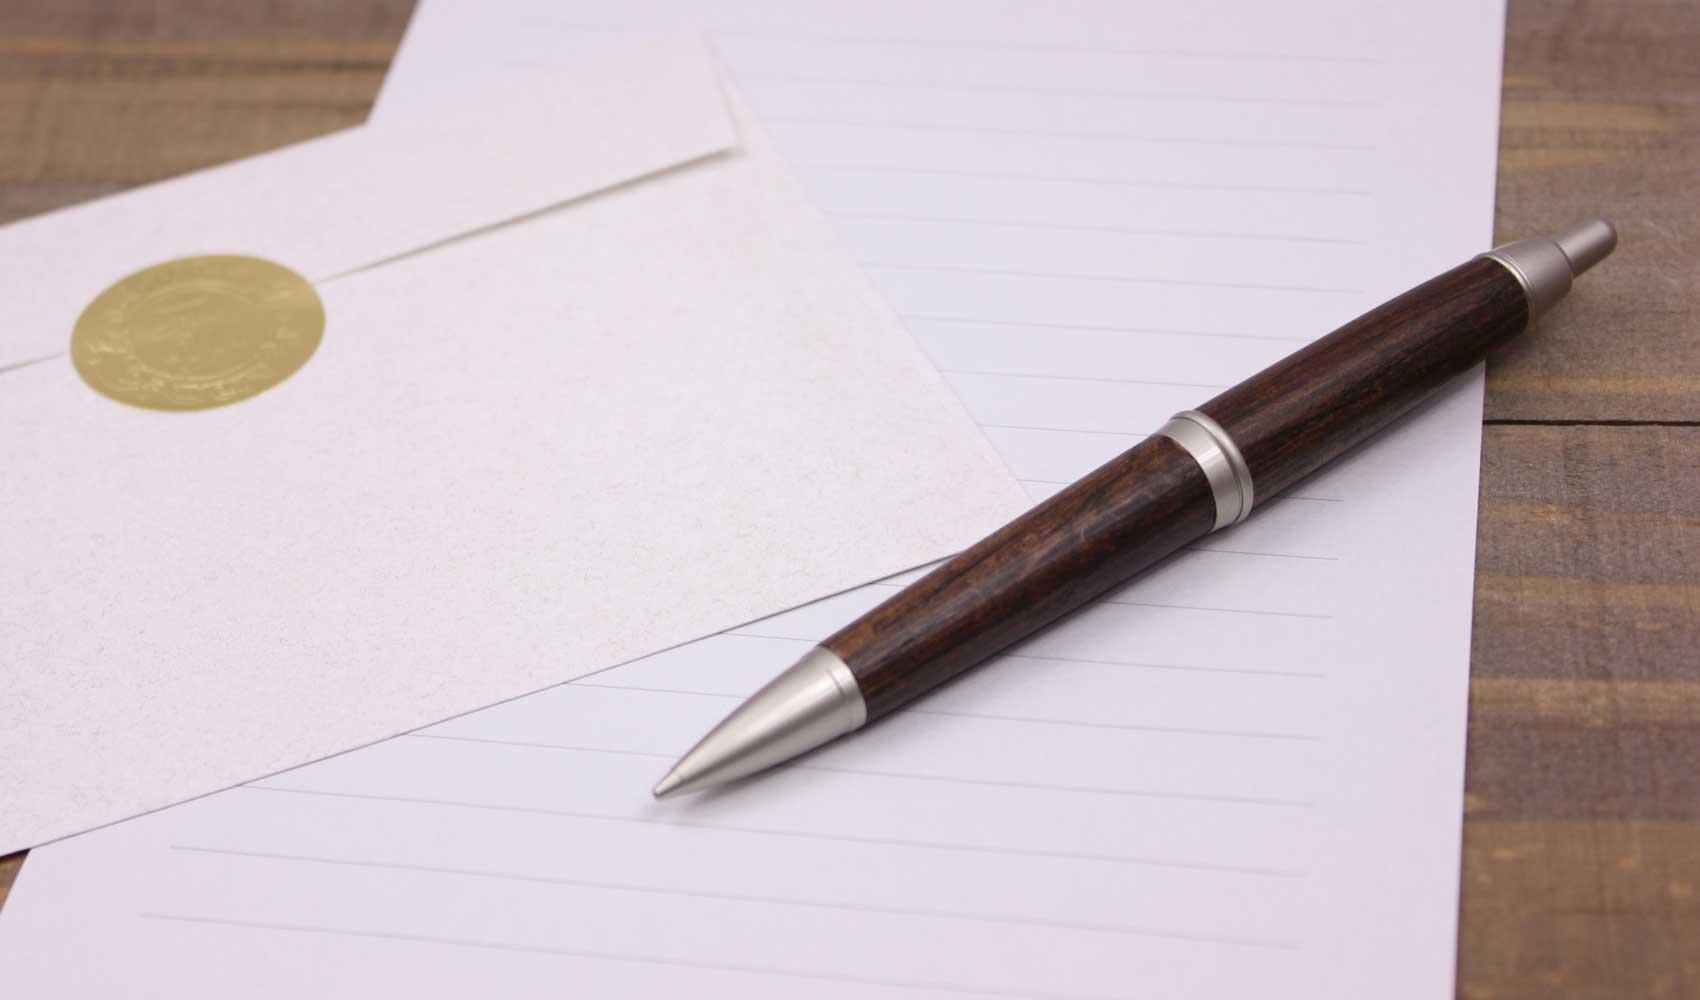 デキる人が持つボールペン10選!海外老舗ブランドから日本のブランドまでオススメをご紹介!